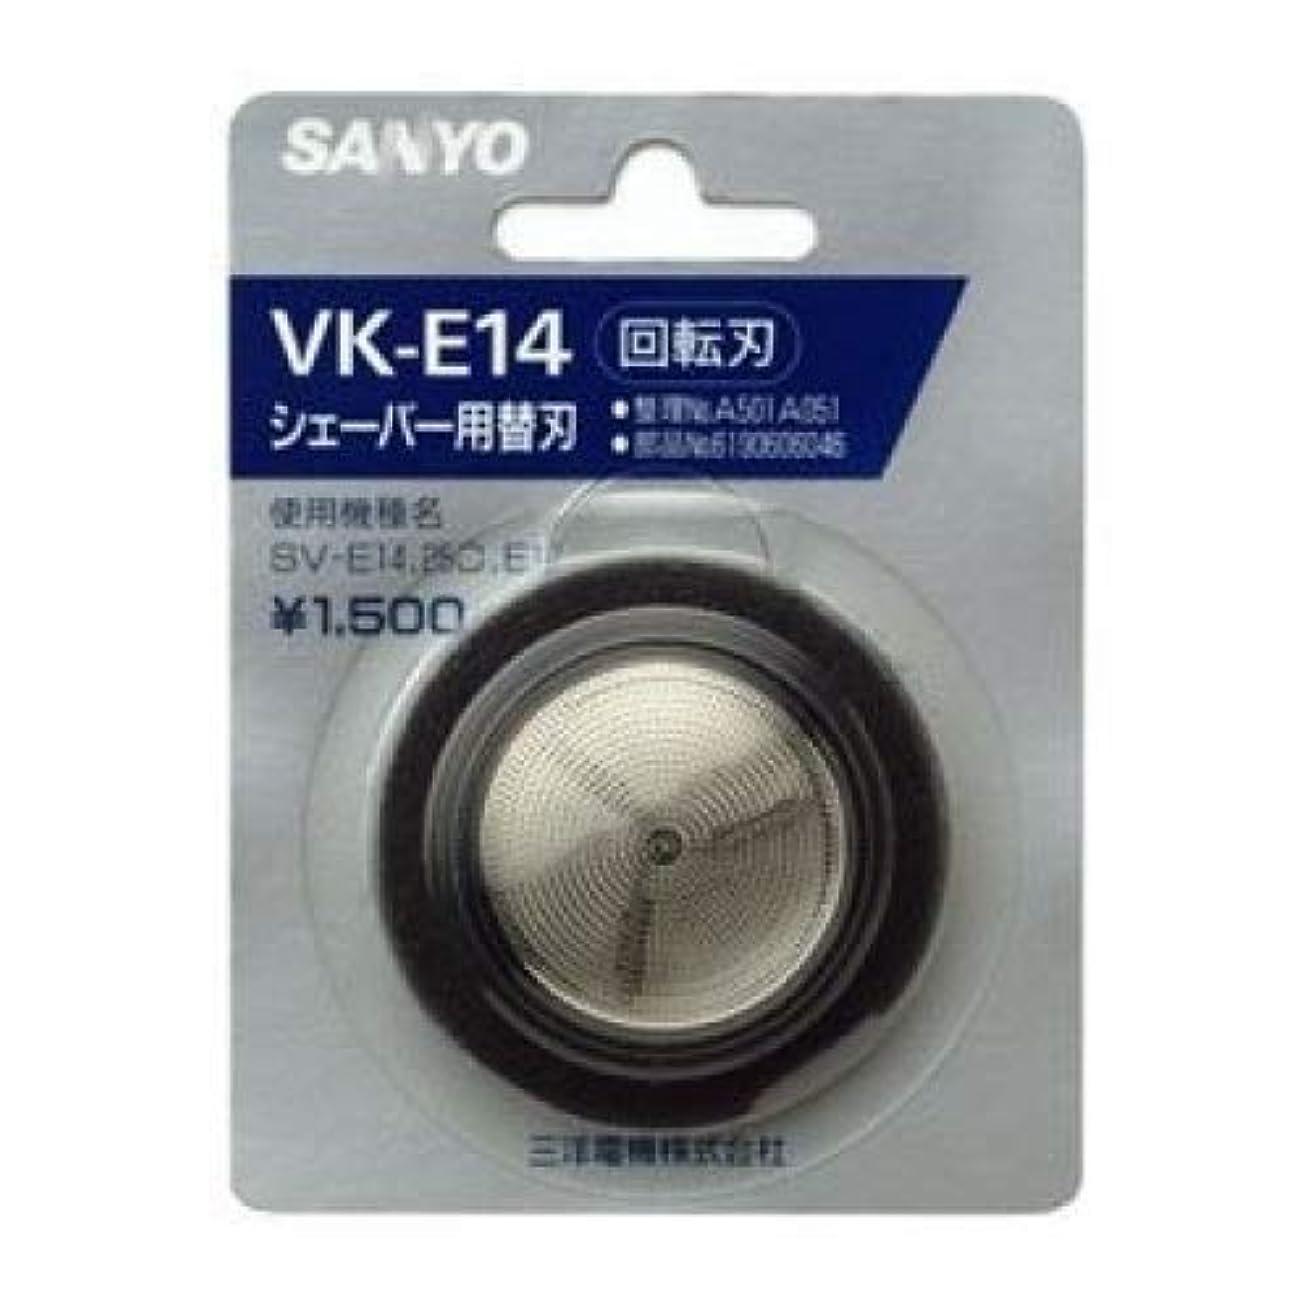 うま突き刺すナサニエル区SANYO シェーバー用替刃 回転式 内?外刃セット KA-VK-E14